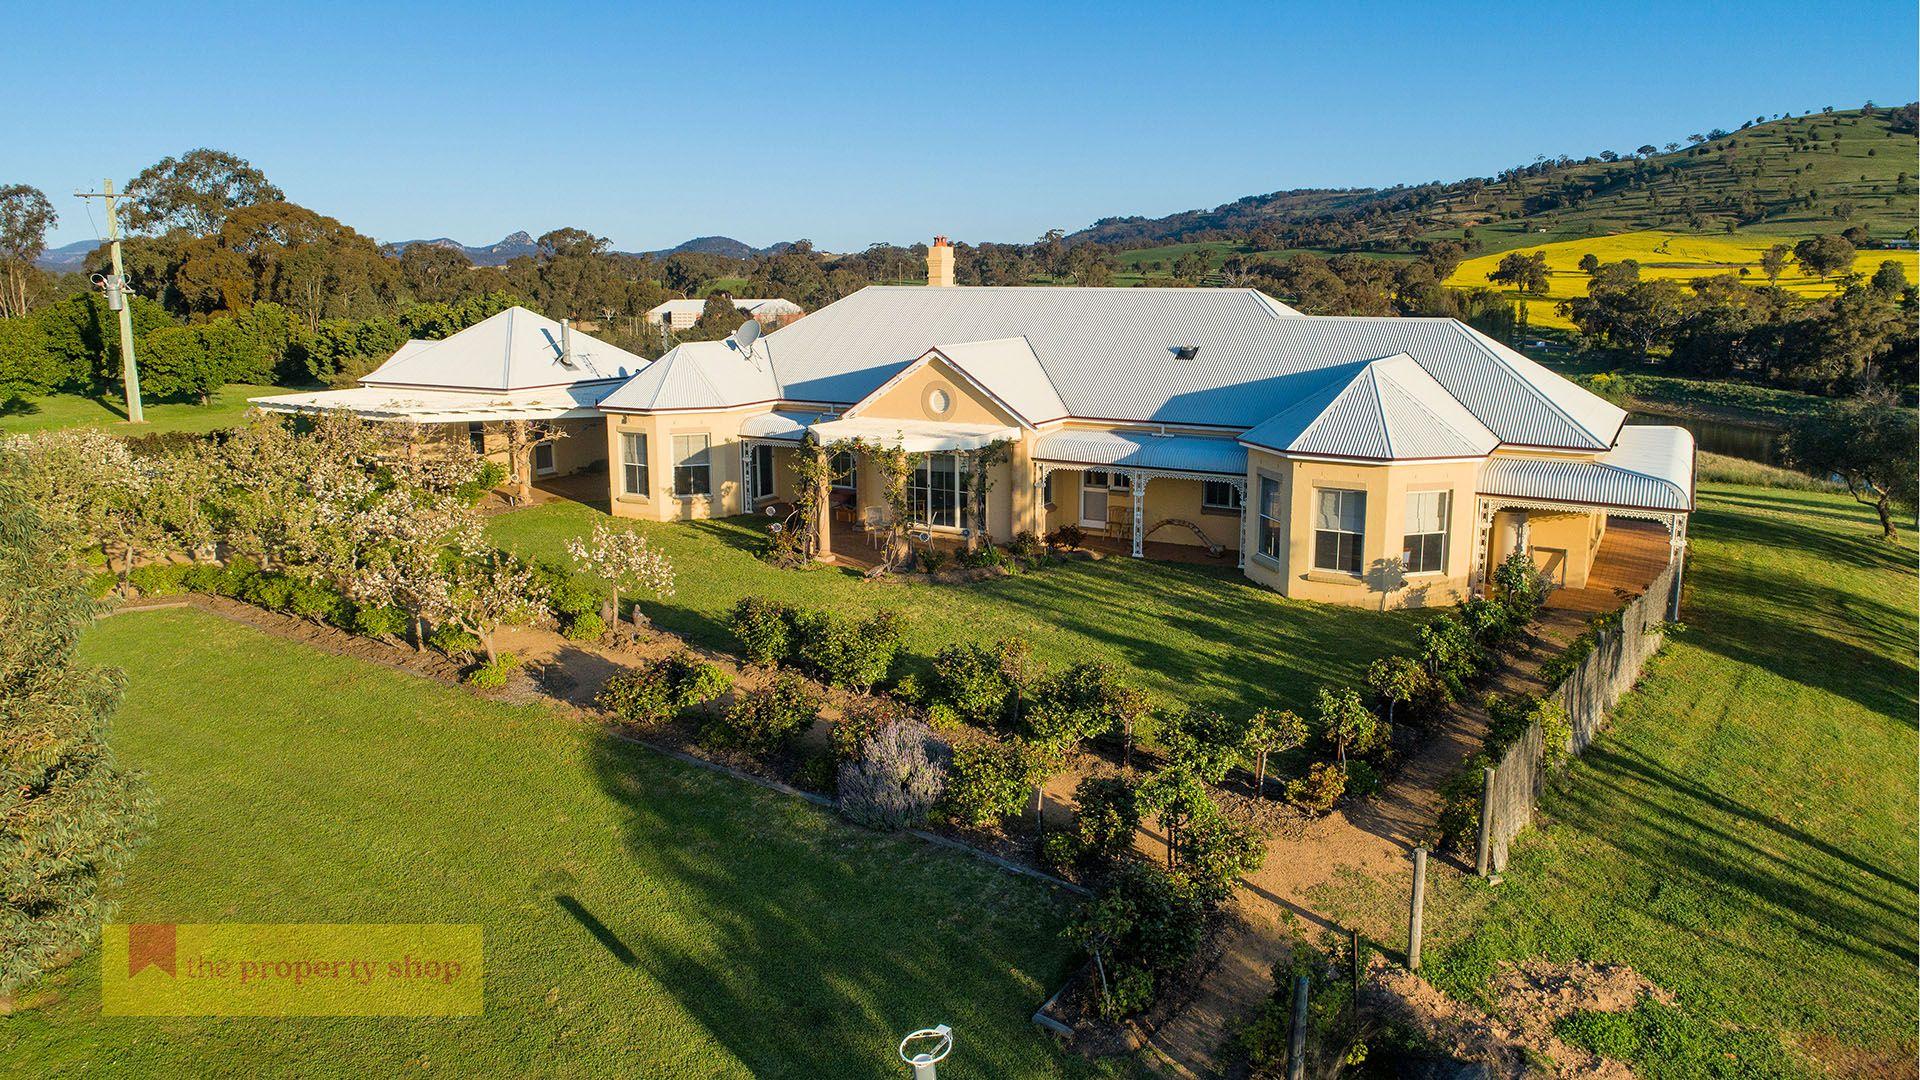 25 & 190 Mossy Rock Lane, Mudgee NSW 2850, Image 0